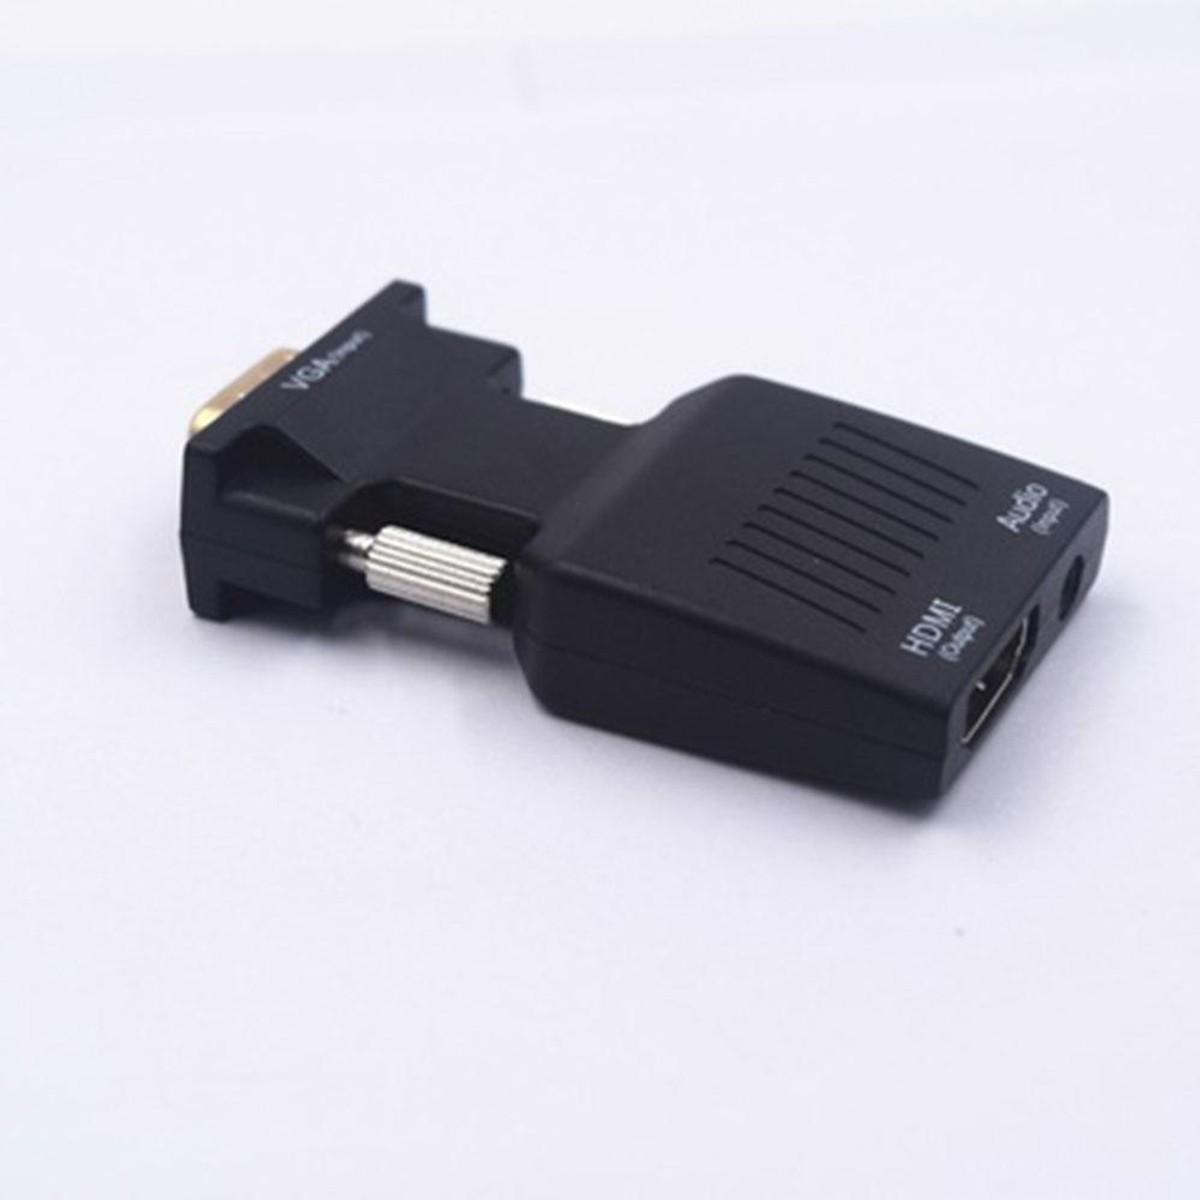 Bộ Chuyển Đổi VGA sang HDMI kèm Audio - VGA to HDMI